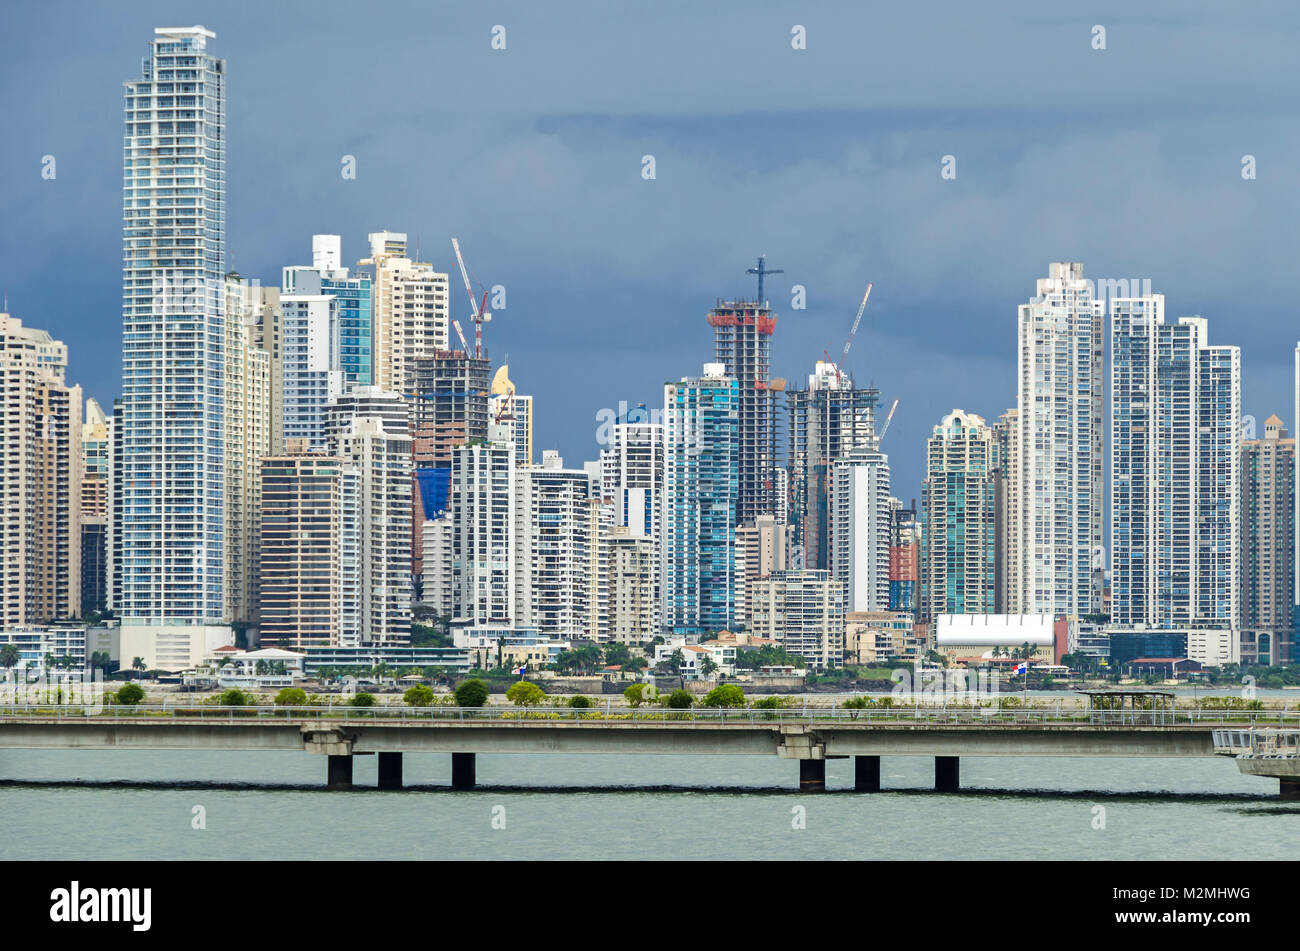 abed2e0ebf Panama City, Panama - 3 Novembre 2017: boom di costruzione nella città di  Panama